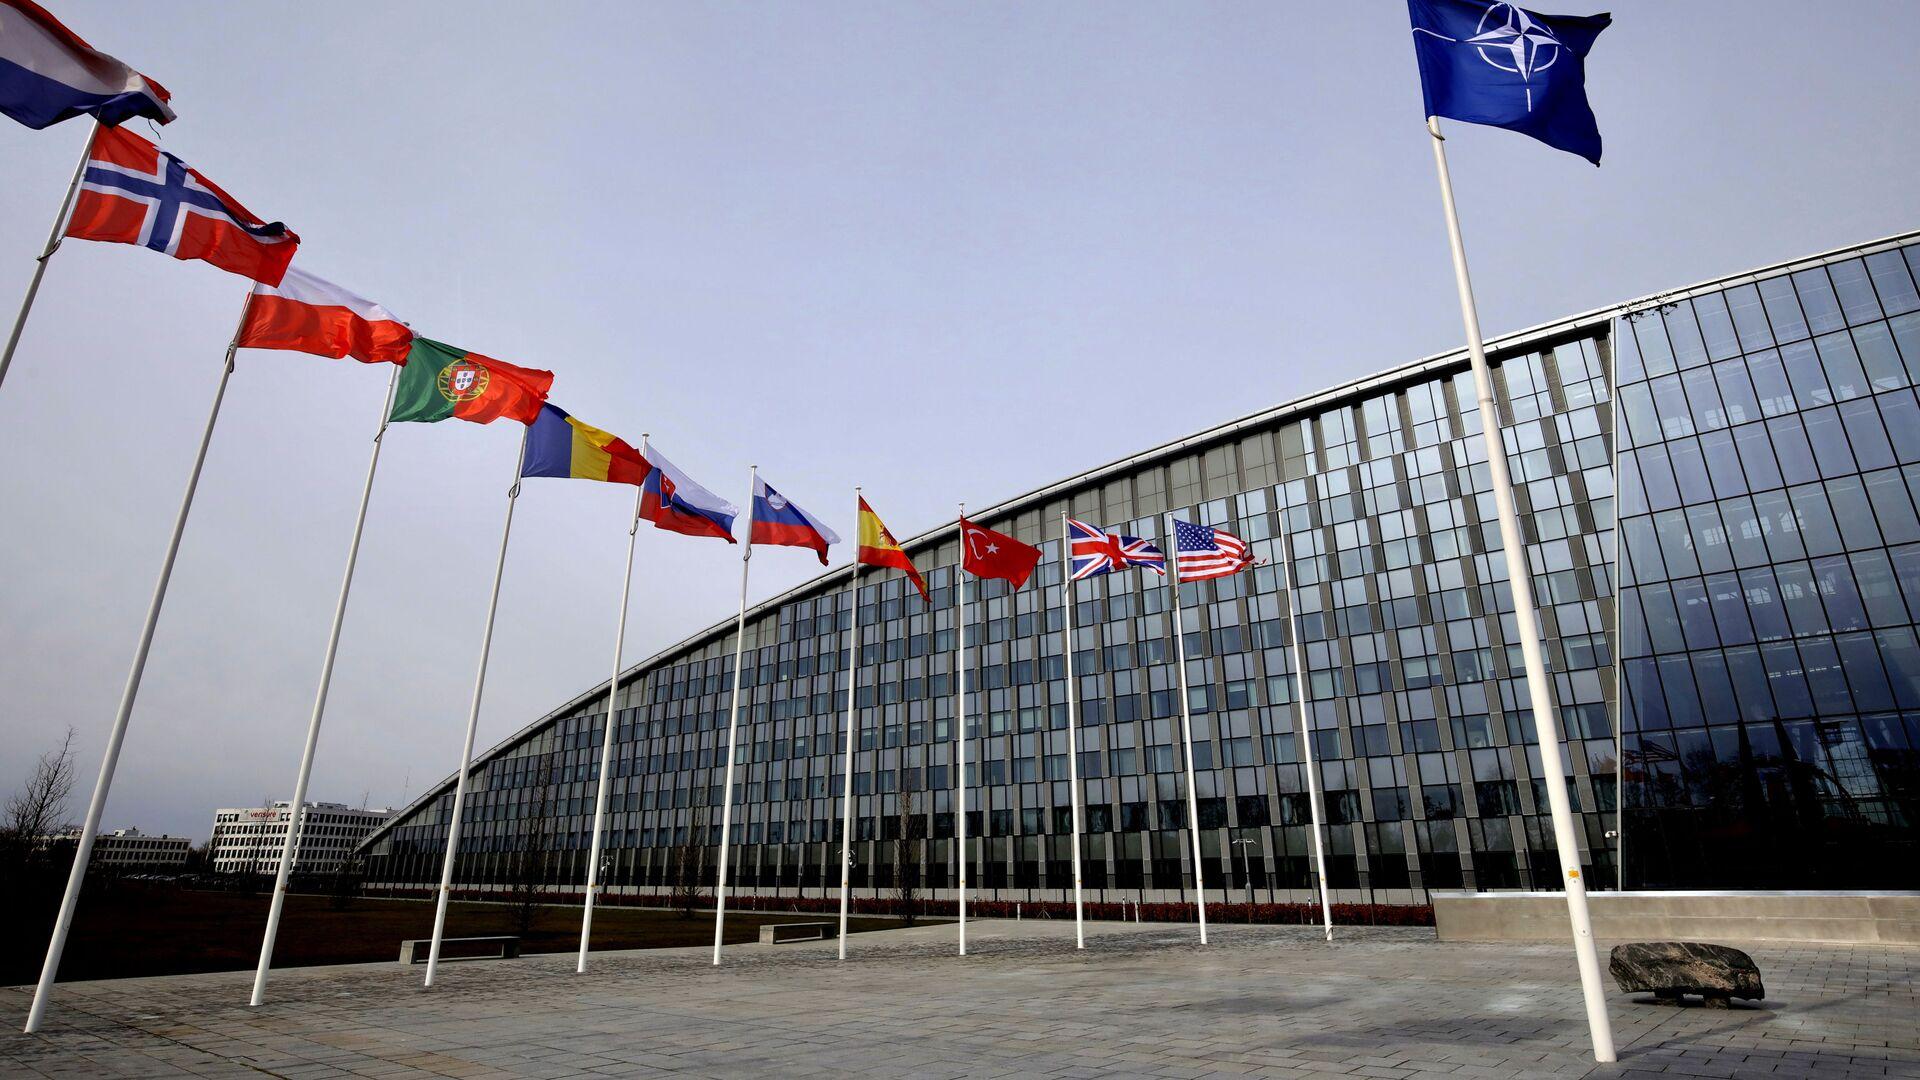 La sede de la OTAN en Bruselas y banderas de algunos países miembros - Sputnik Mundo, 1920, 31.05.2021